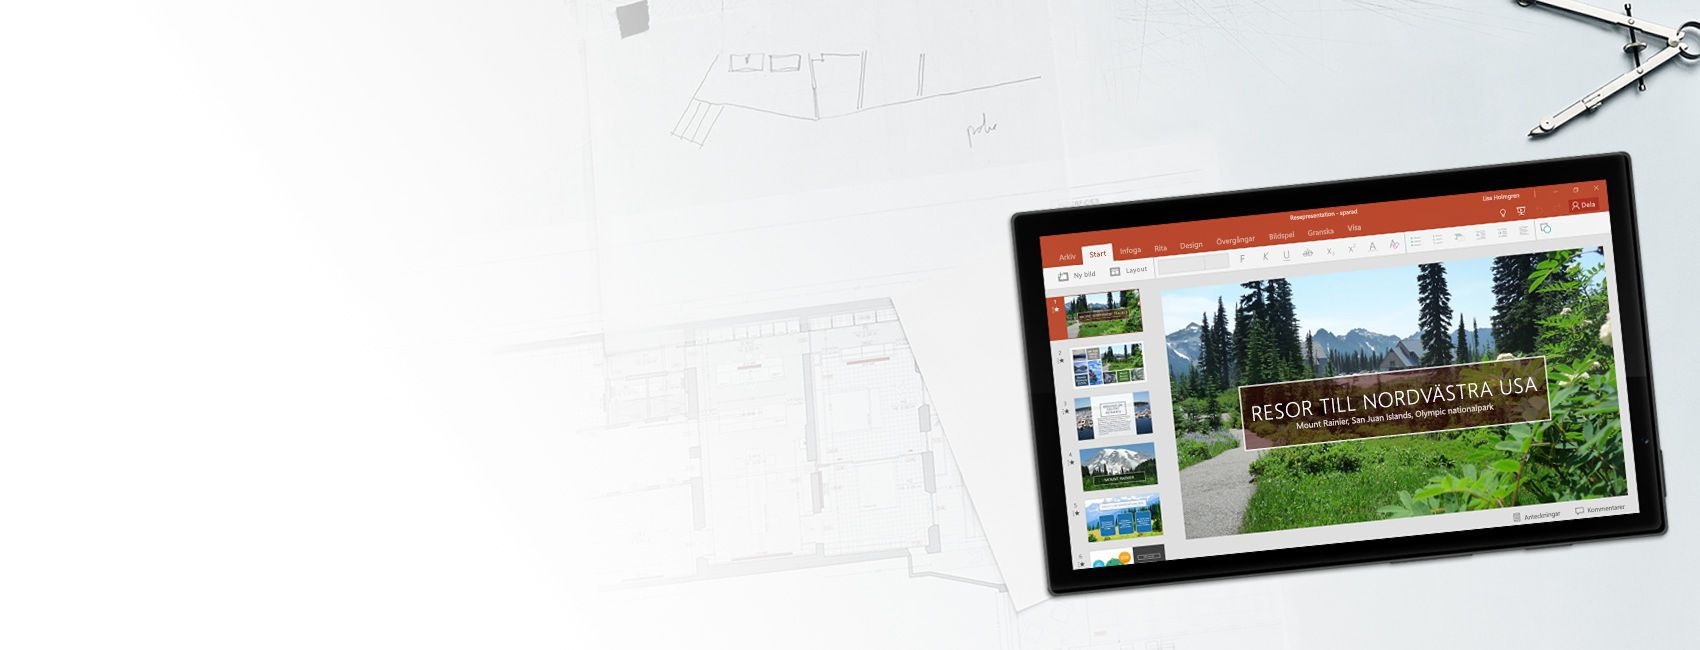 Windows-surfplatta med en PowerPoint-presentation om Pacific Northwest Travels i PowerPoint för Windows 10 Mobile